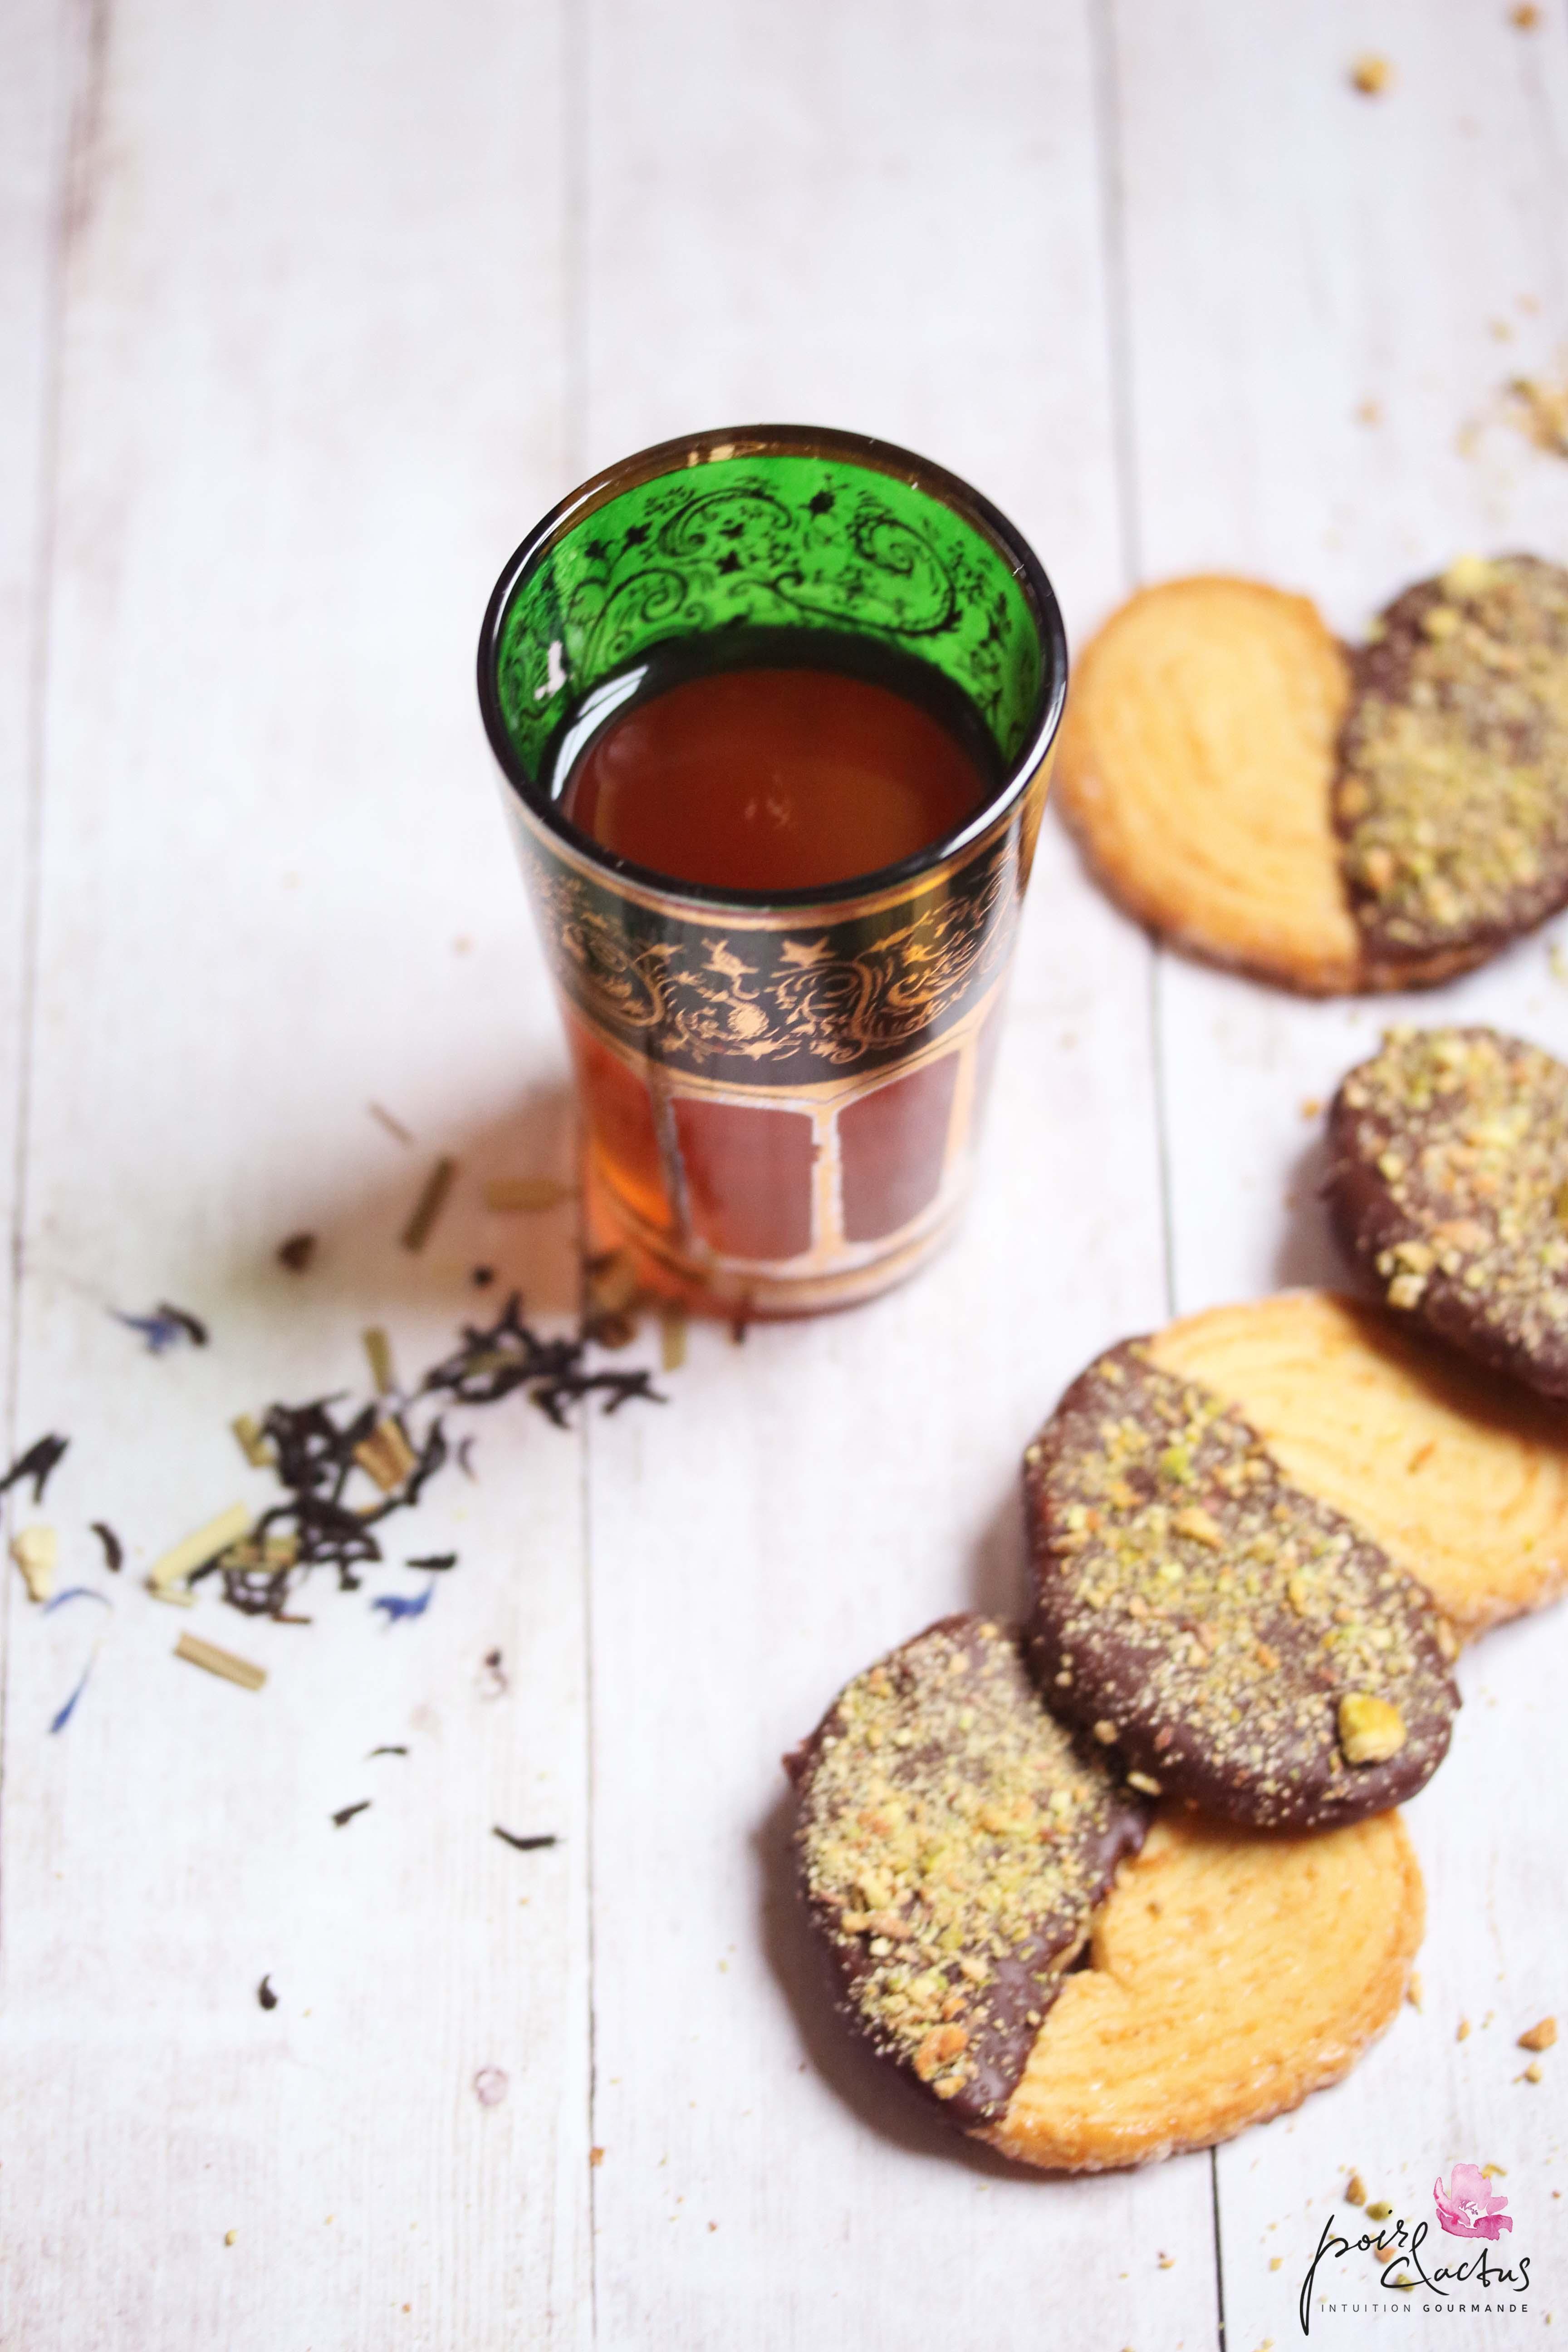 recette_palmier_chocolat_pistache_poiretcactus4